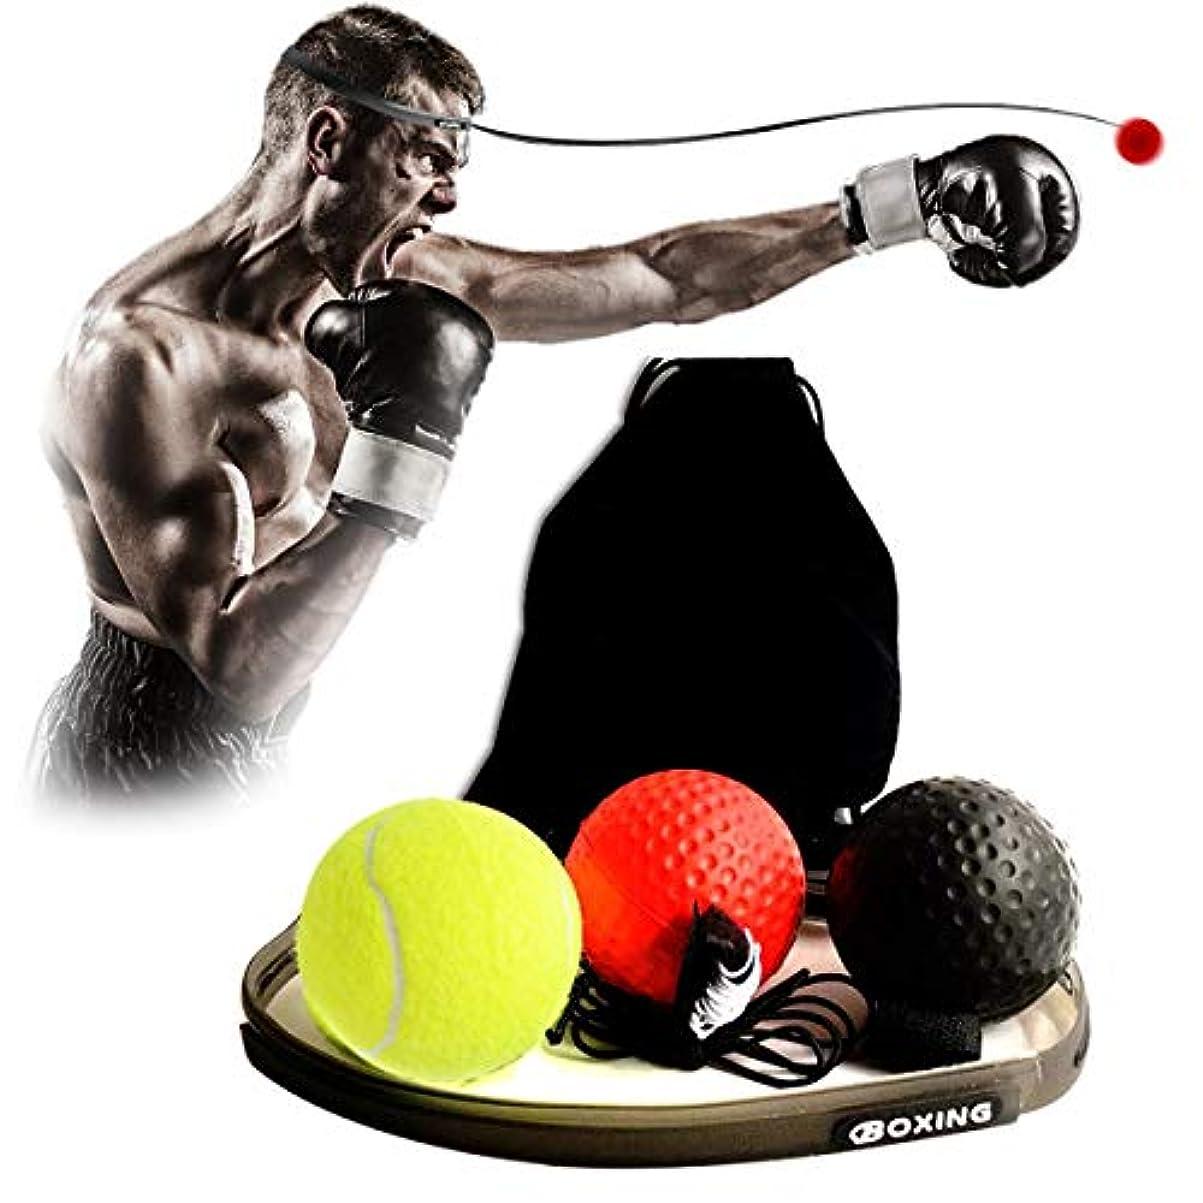 喜劇理容師いろいろBoxing リフレックスボール3 難易度 ボクシングボール ヘッドバンド付き ケアバッグ ファイトスキル ハンドアイコーディネーショントレーニング テニスボールより柔らかい 反応 敏捷性 パンチスピード ファイトに最適